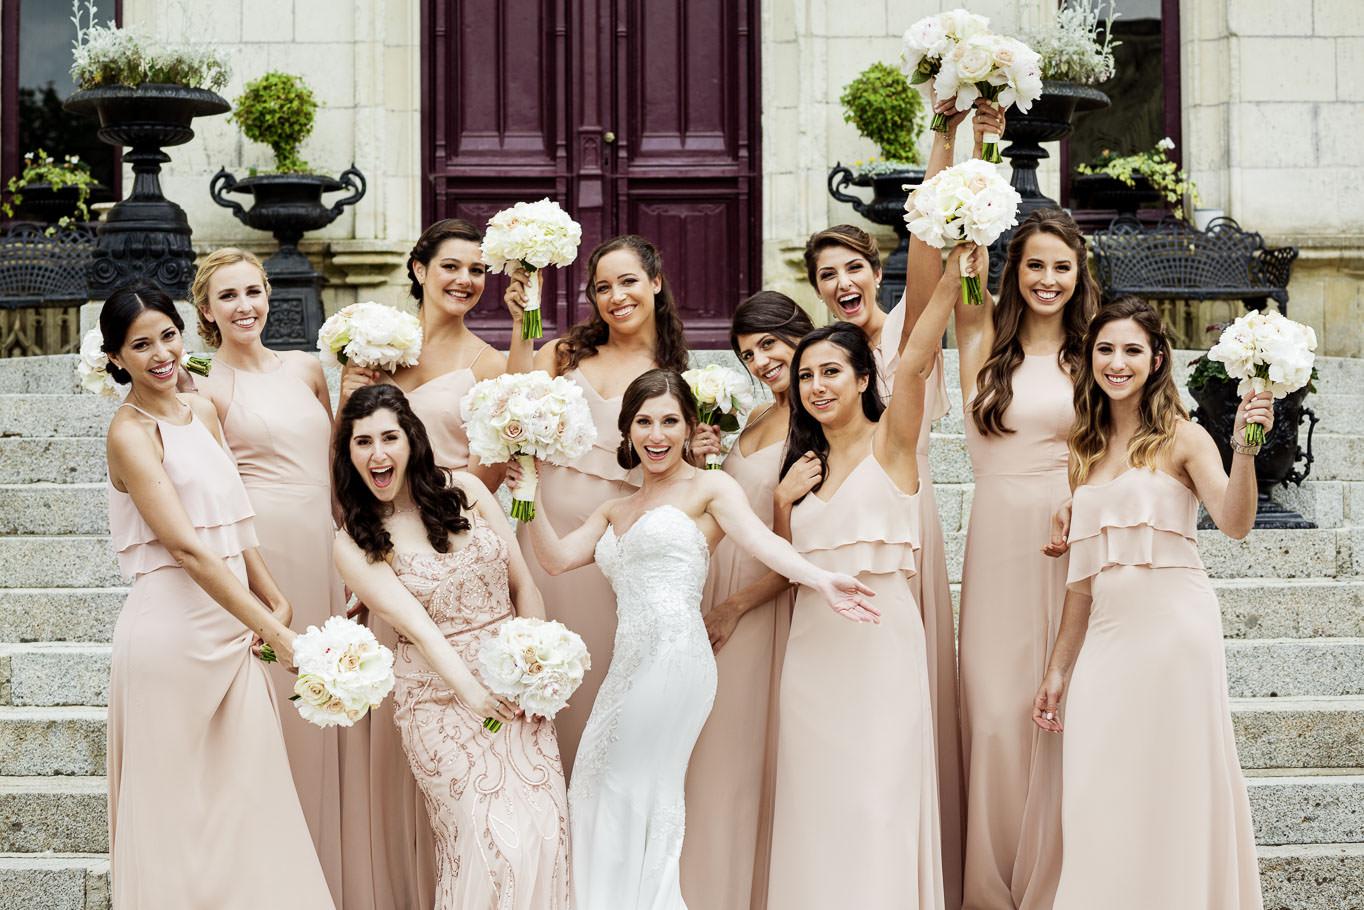 flavio bandiera bride with bridesmaids